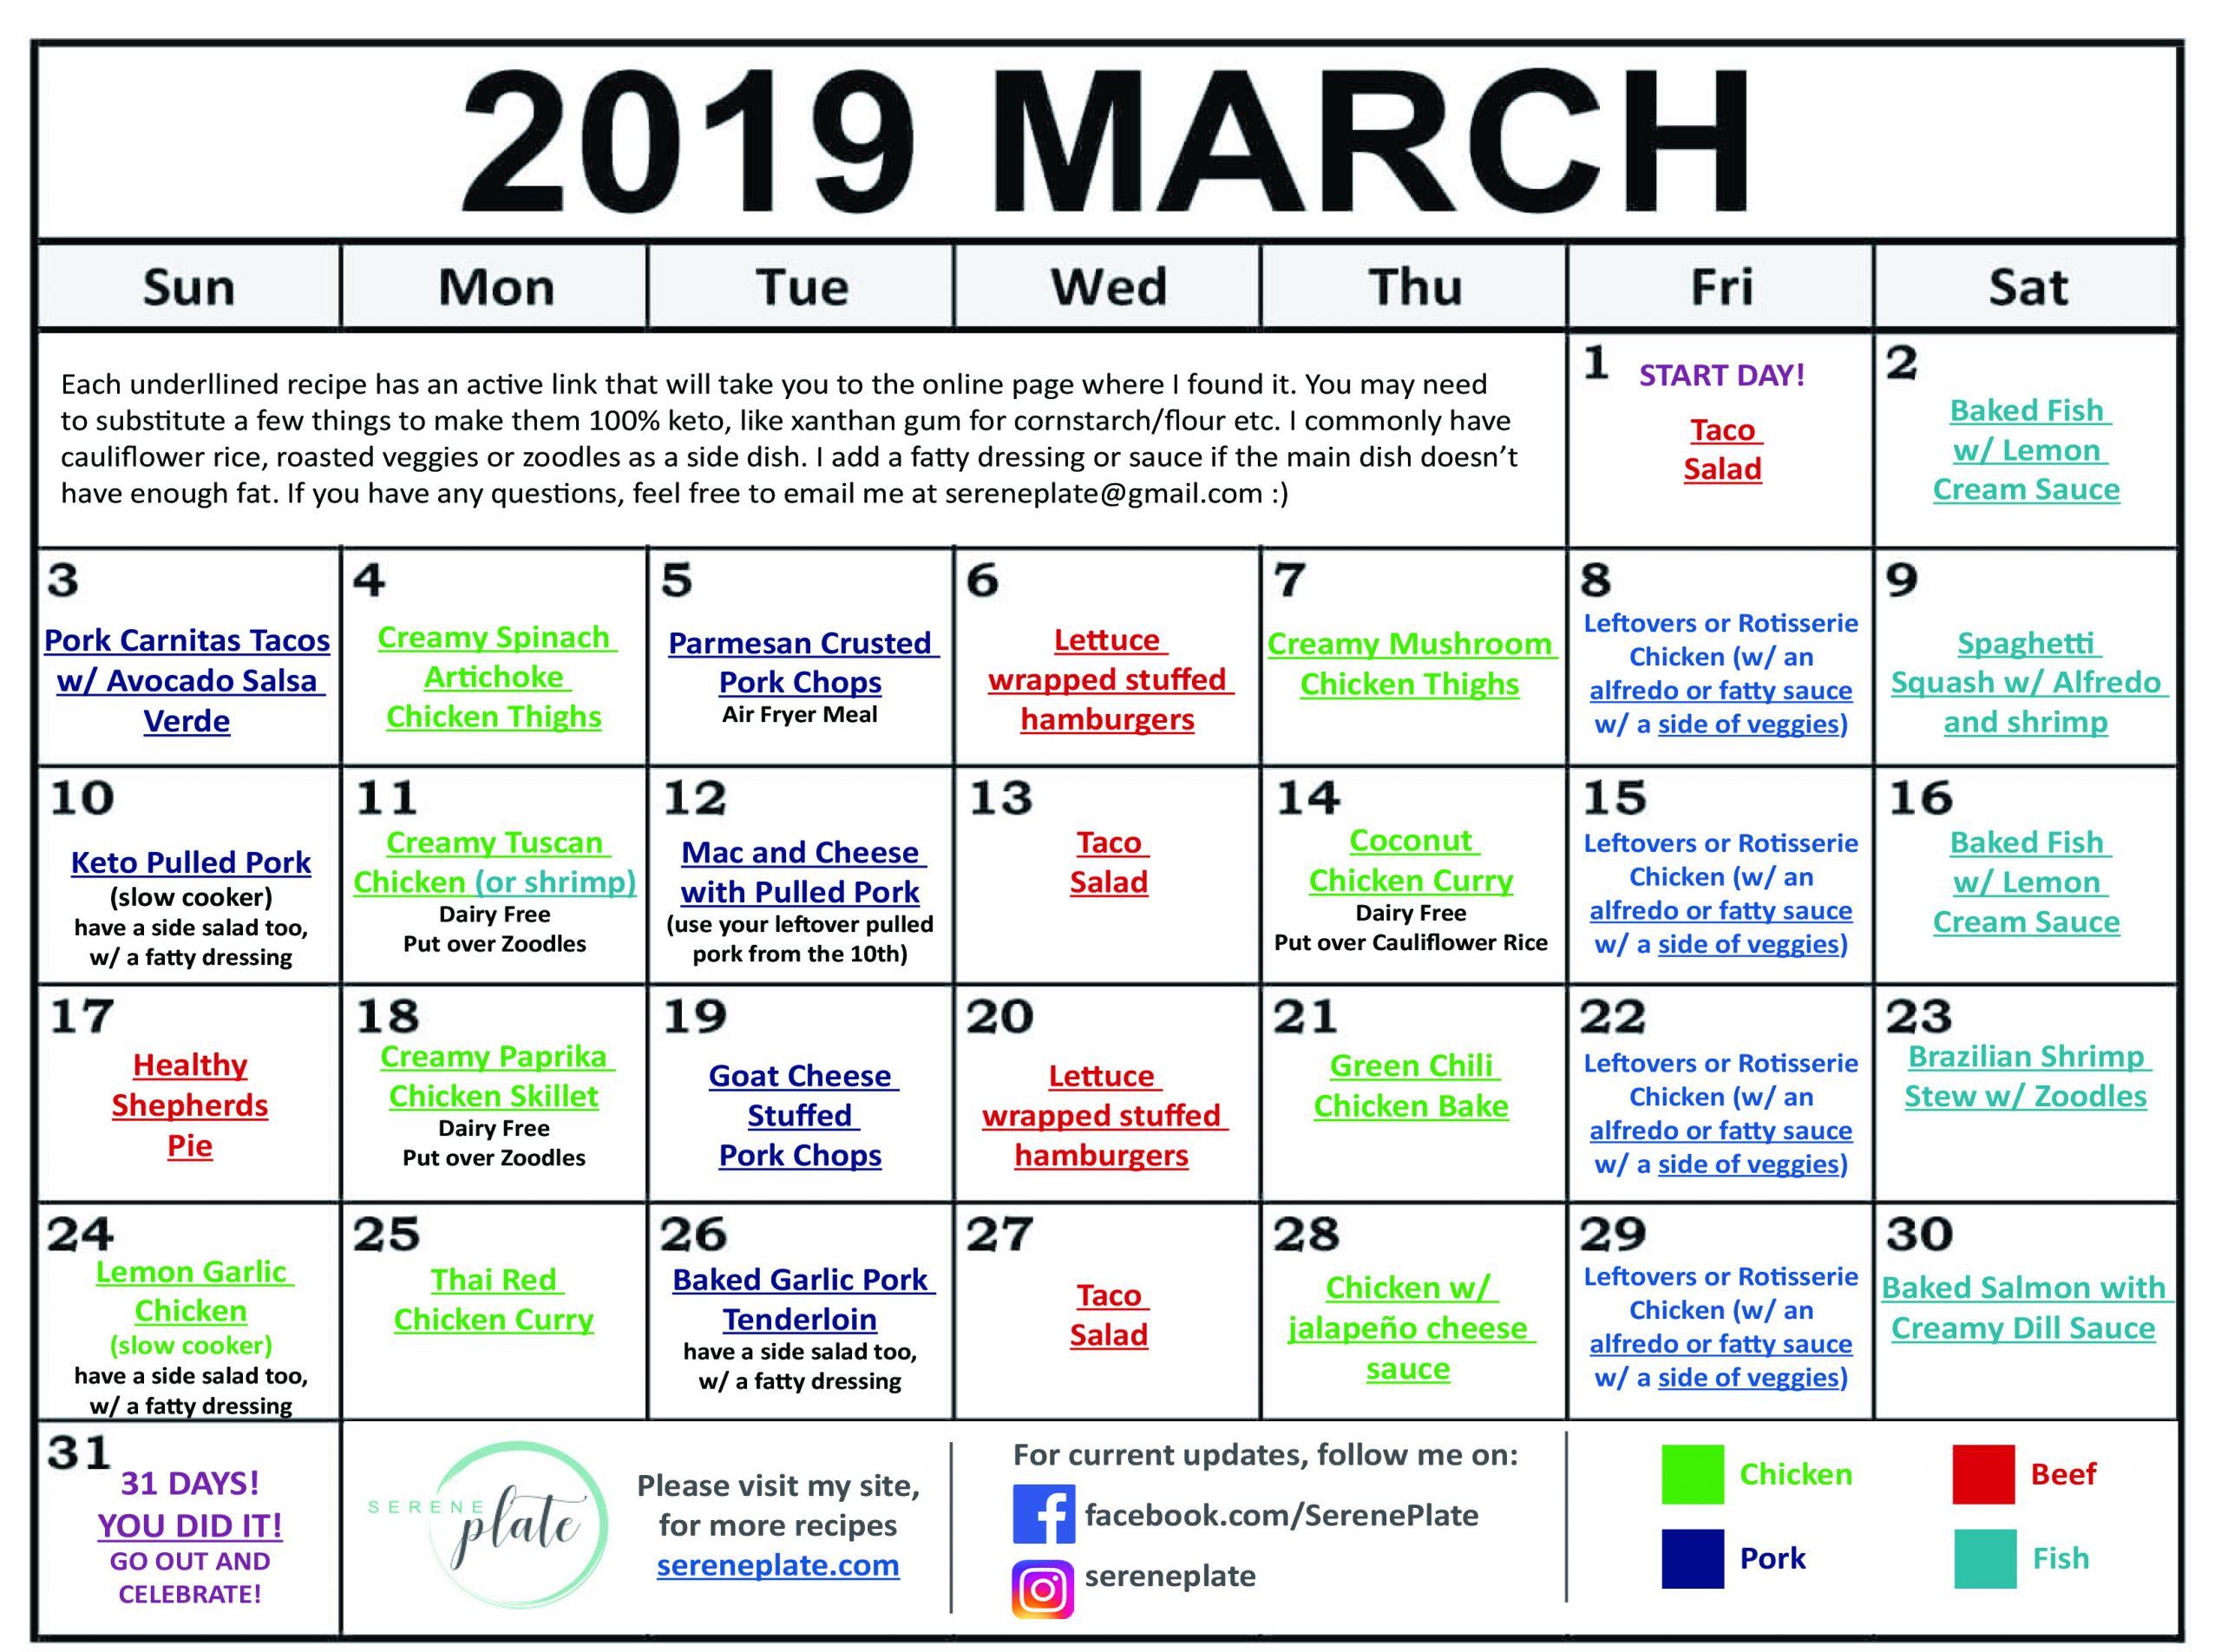 Keto Diet For Beginners Week 1 Meal Plan Printable  March Keto Meal Plan Heatlhy Low Carb Diet